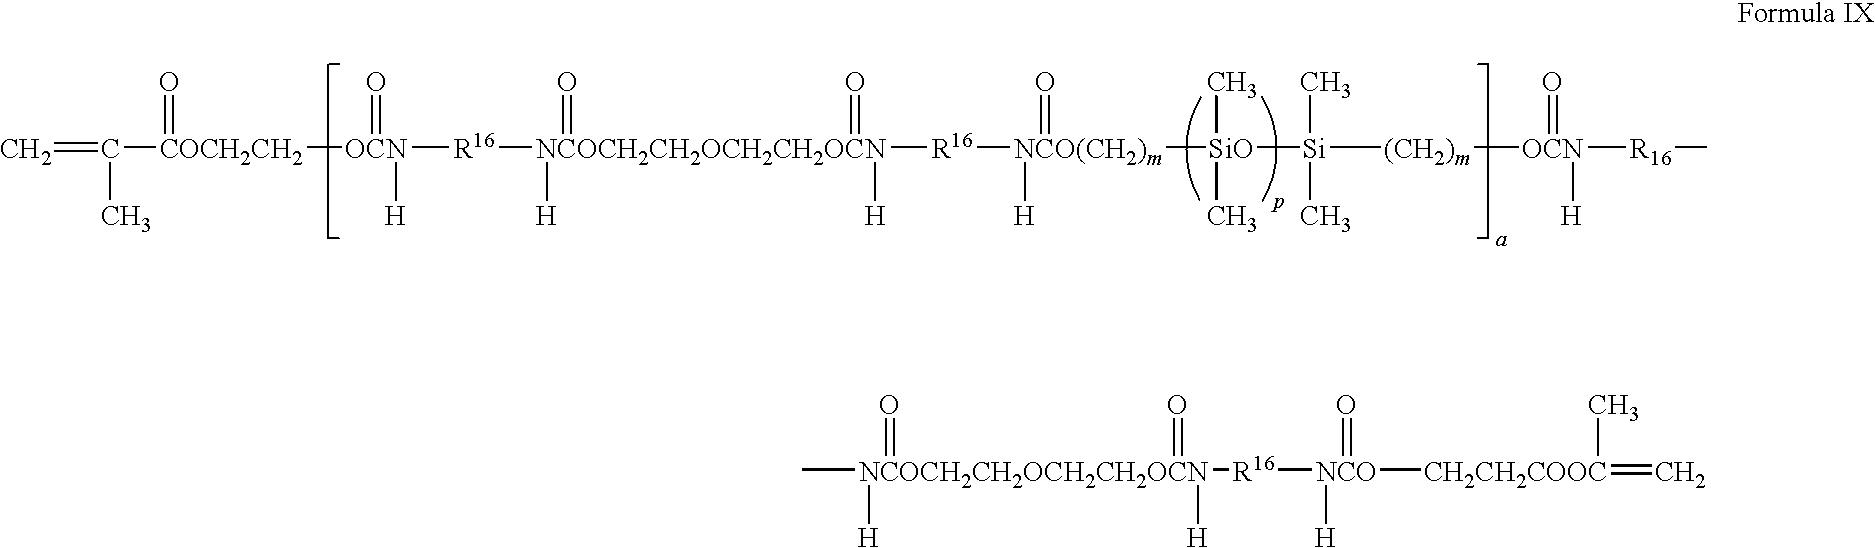 Figure US08158695-20120417-C00009